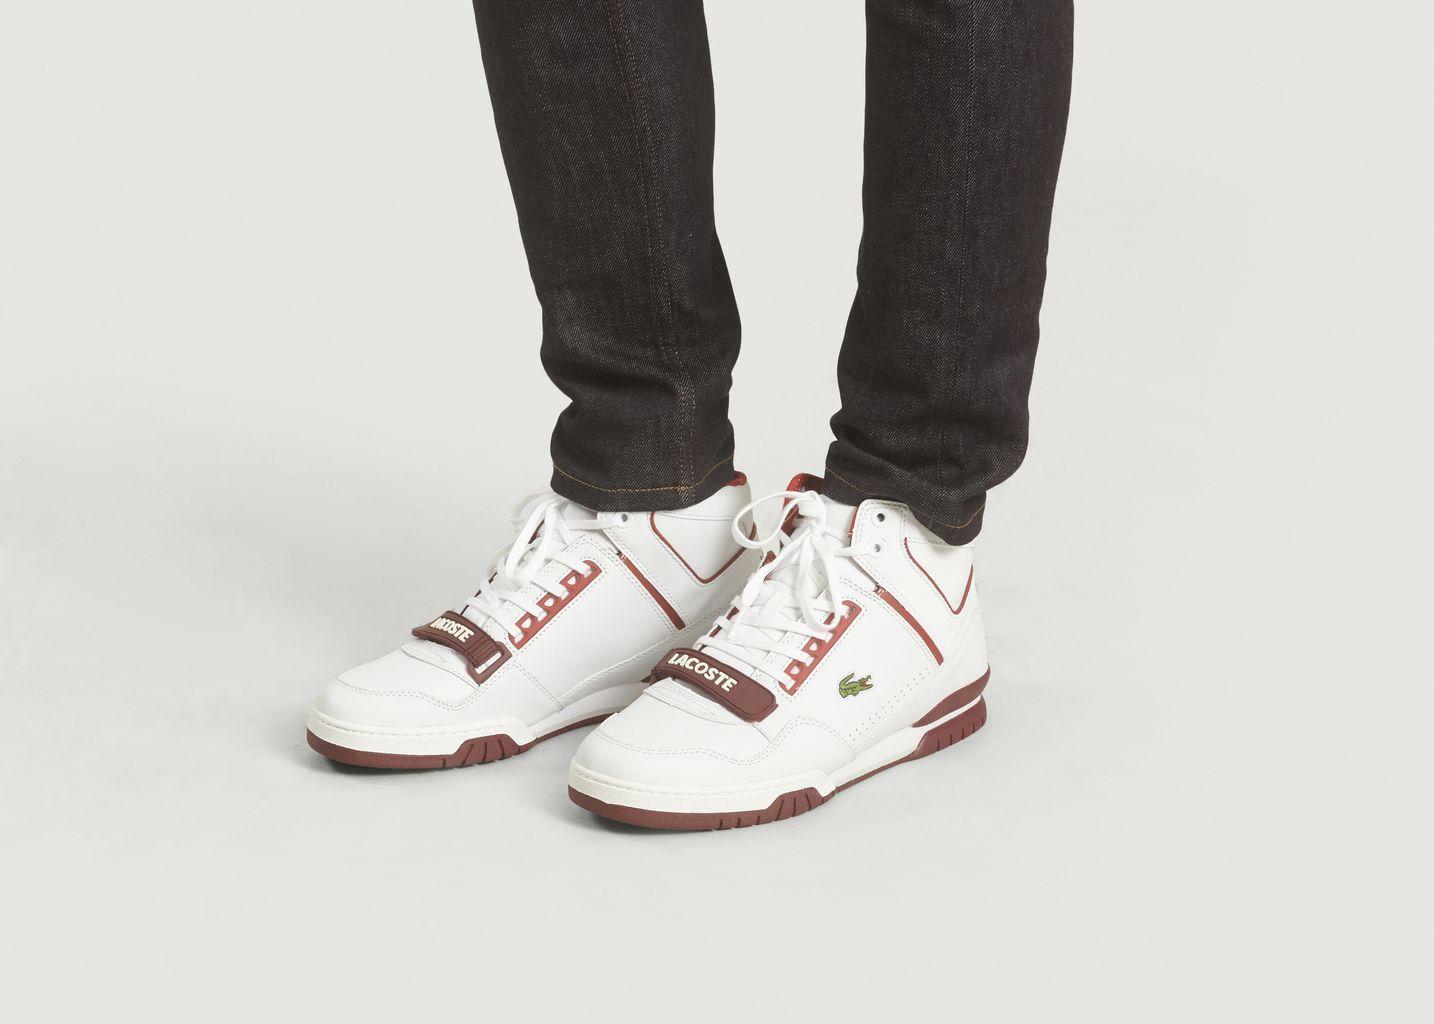 Xtwsqfrax Foncé Sneaker 50 Soldes Live Mid Rouge À Lacoste Missouri L ybf76g